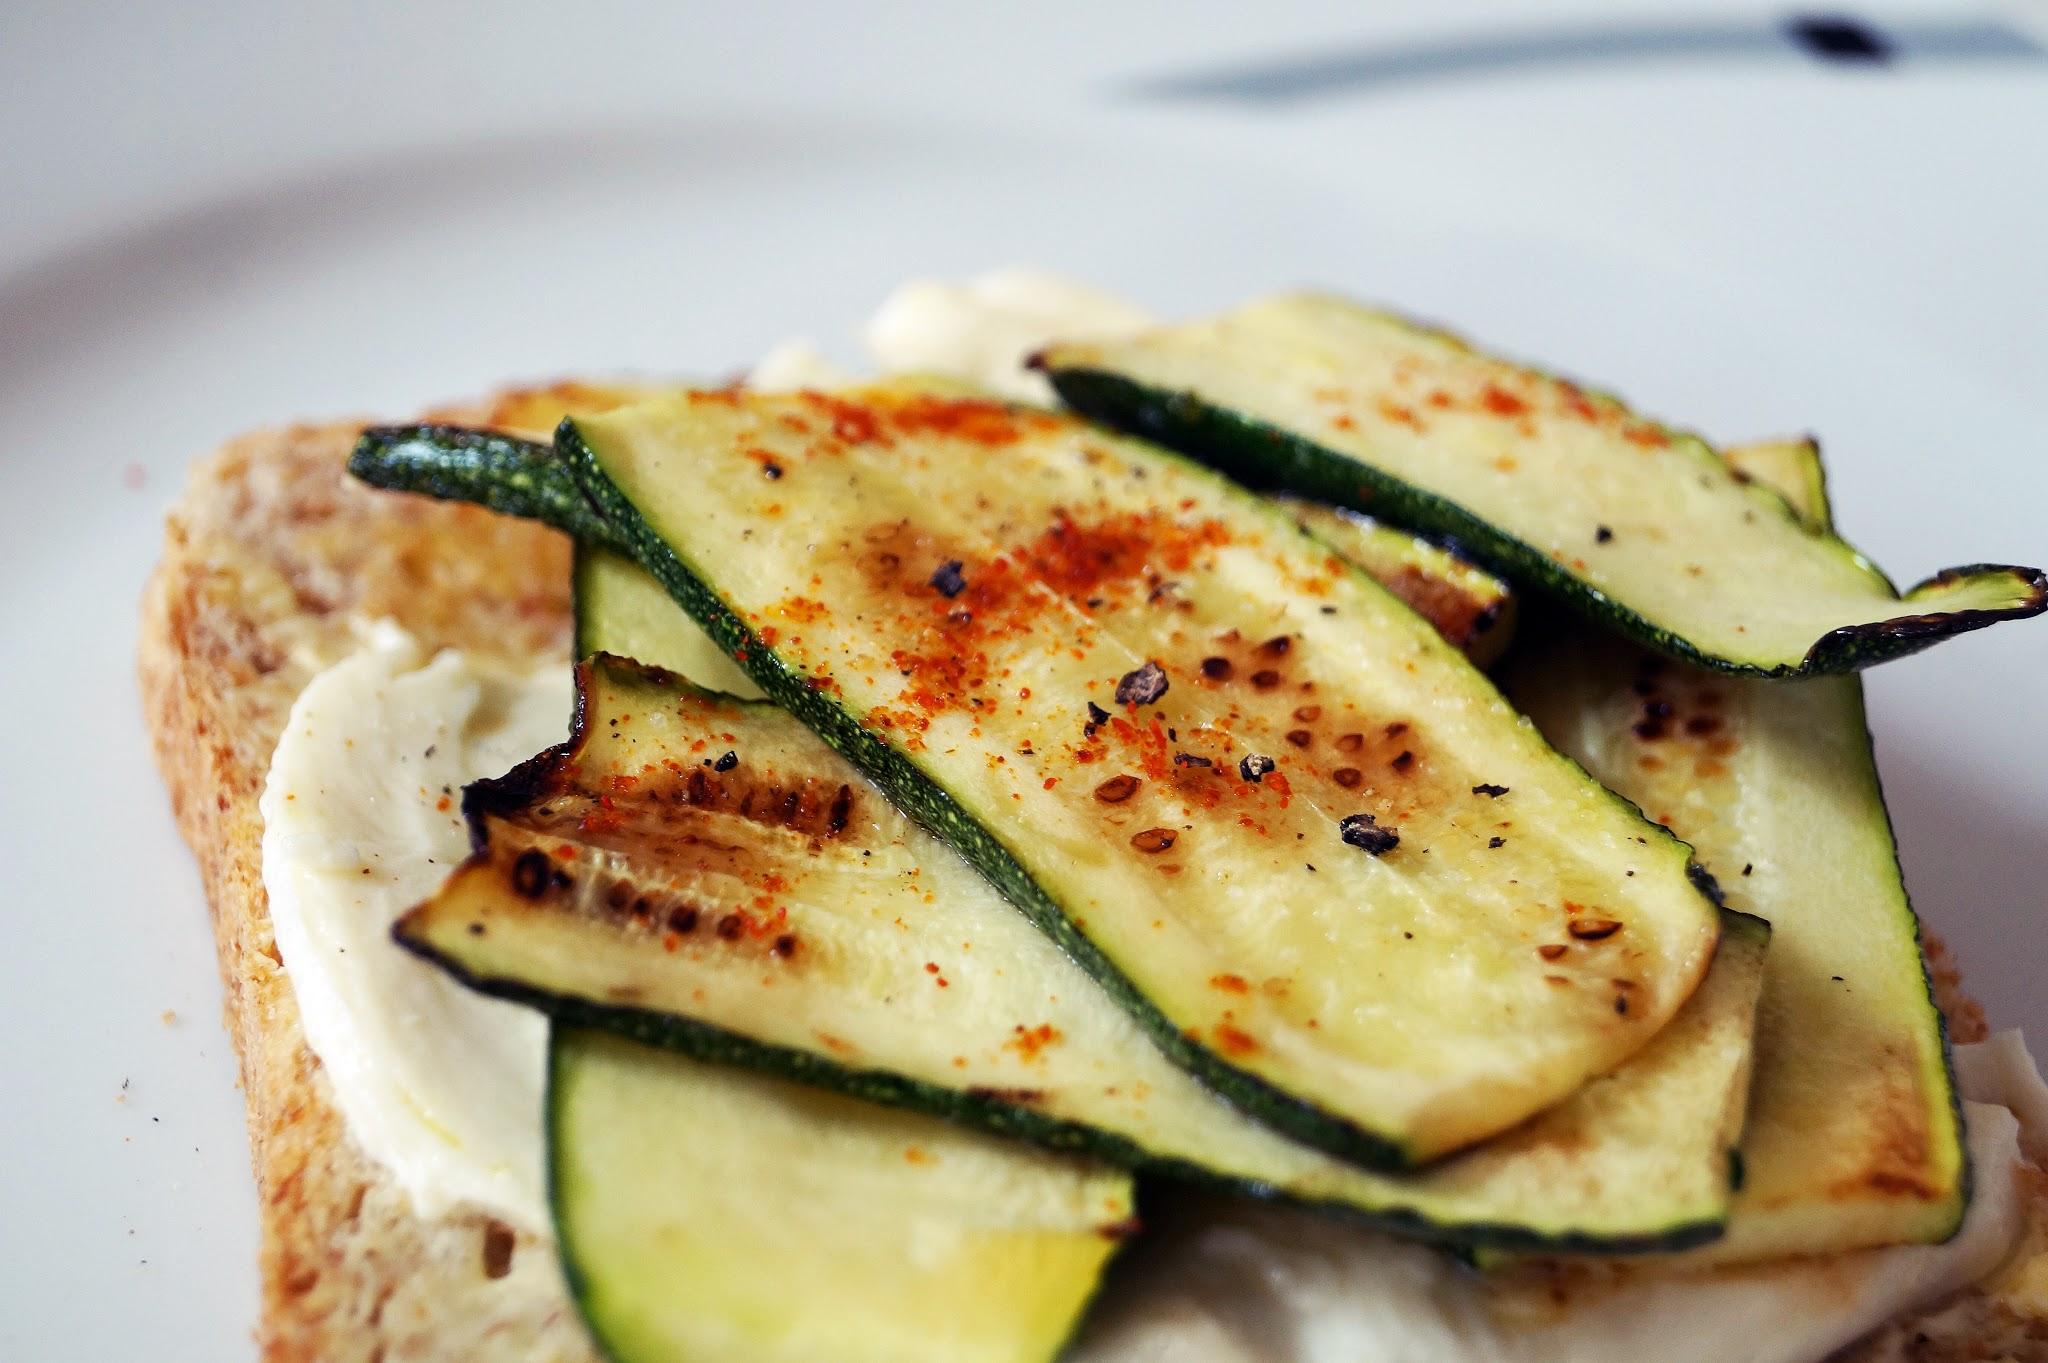 Zucchini-Sandwich mit Tomaten und Mozzarella